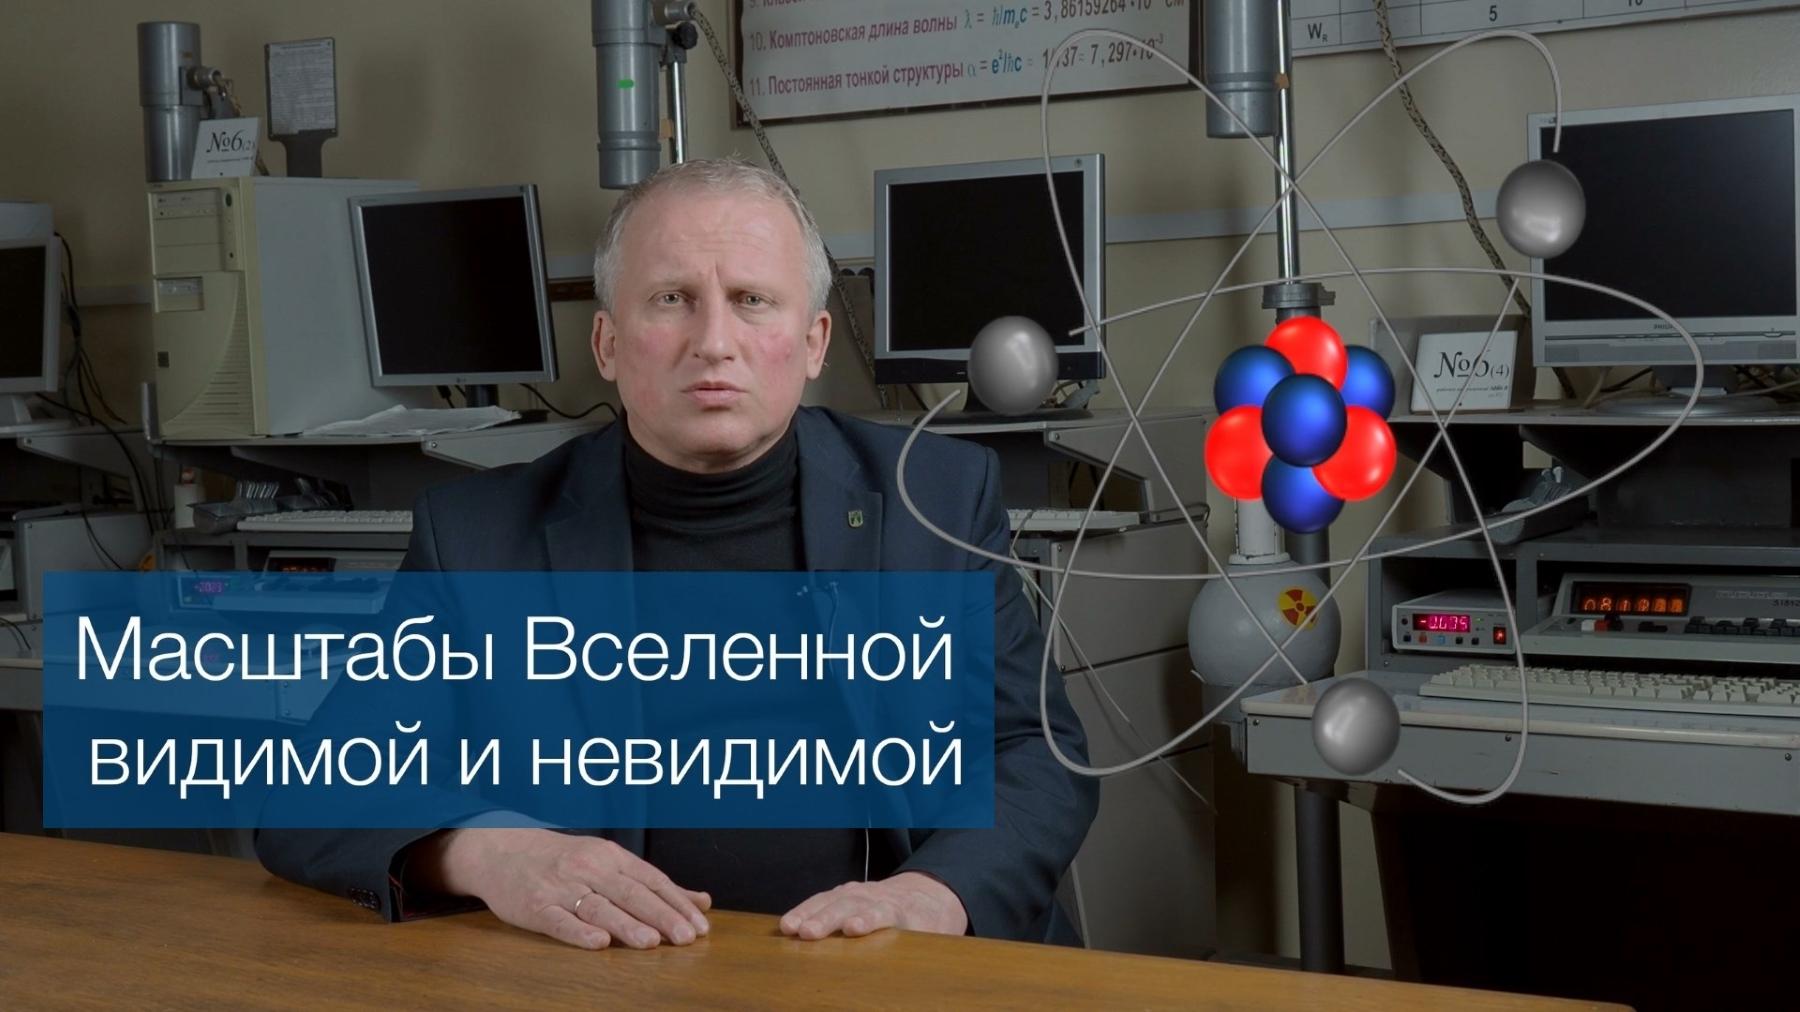 Центр Образования и Просвещения НИИЯФ МГУ запускает youtube-канал